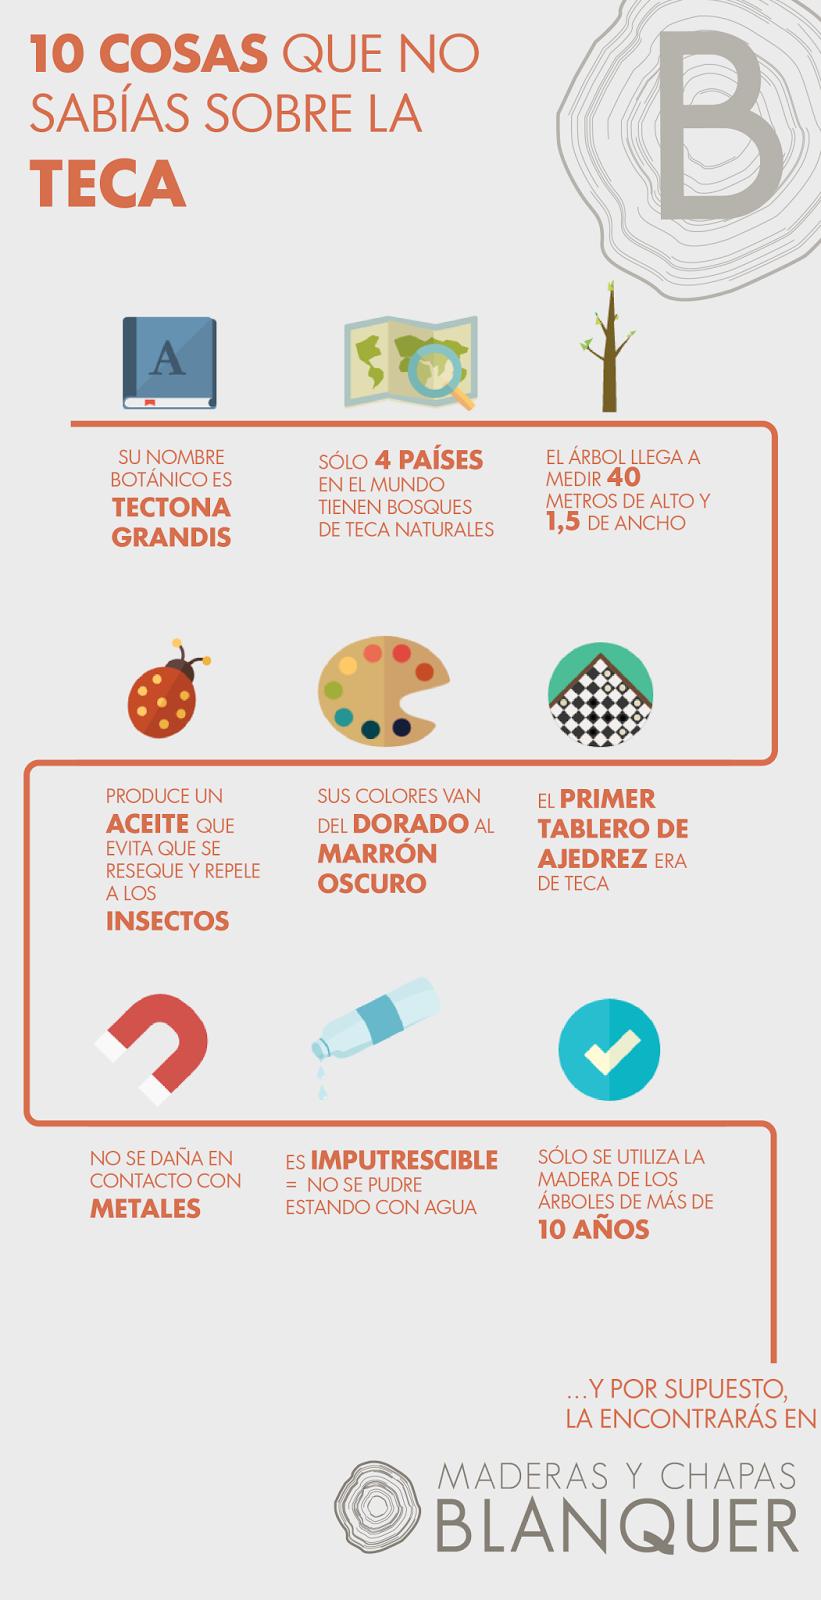 infografía teca